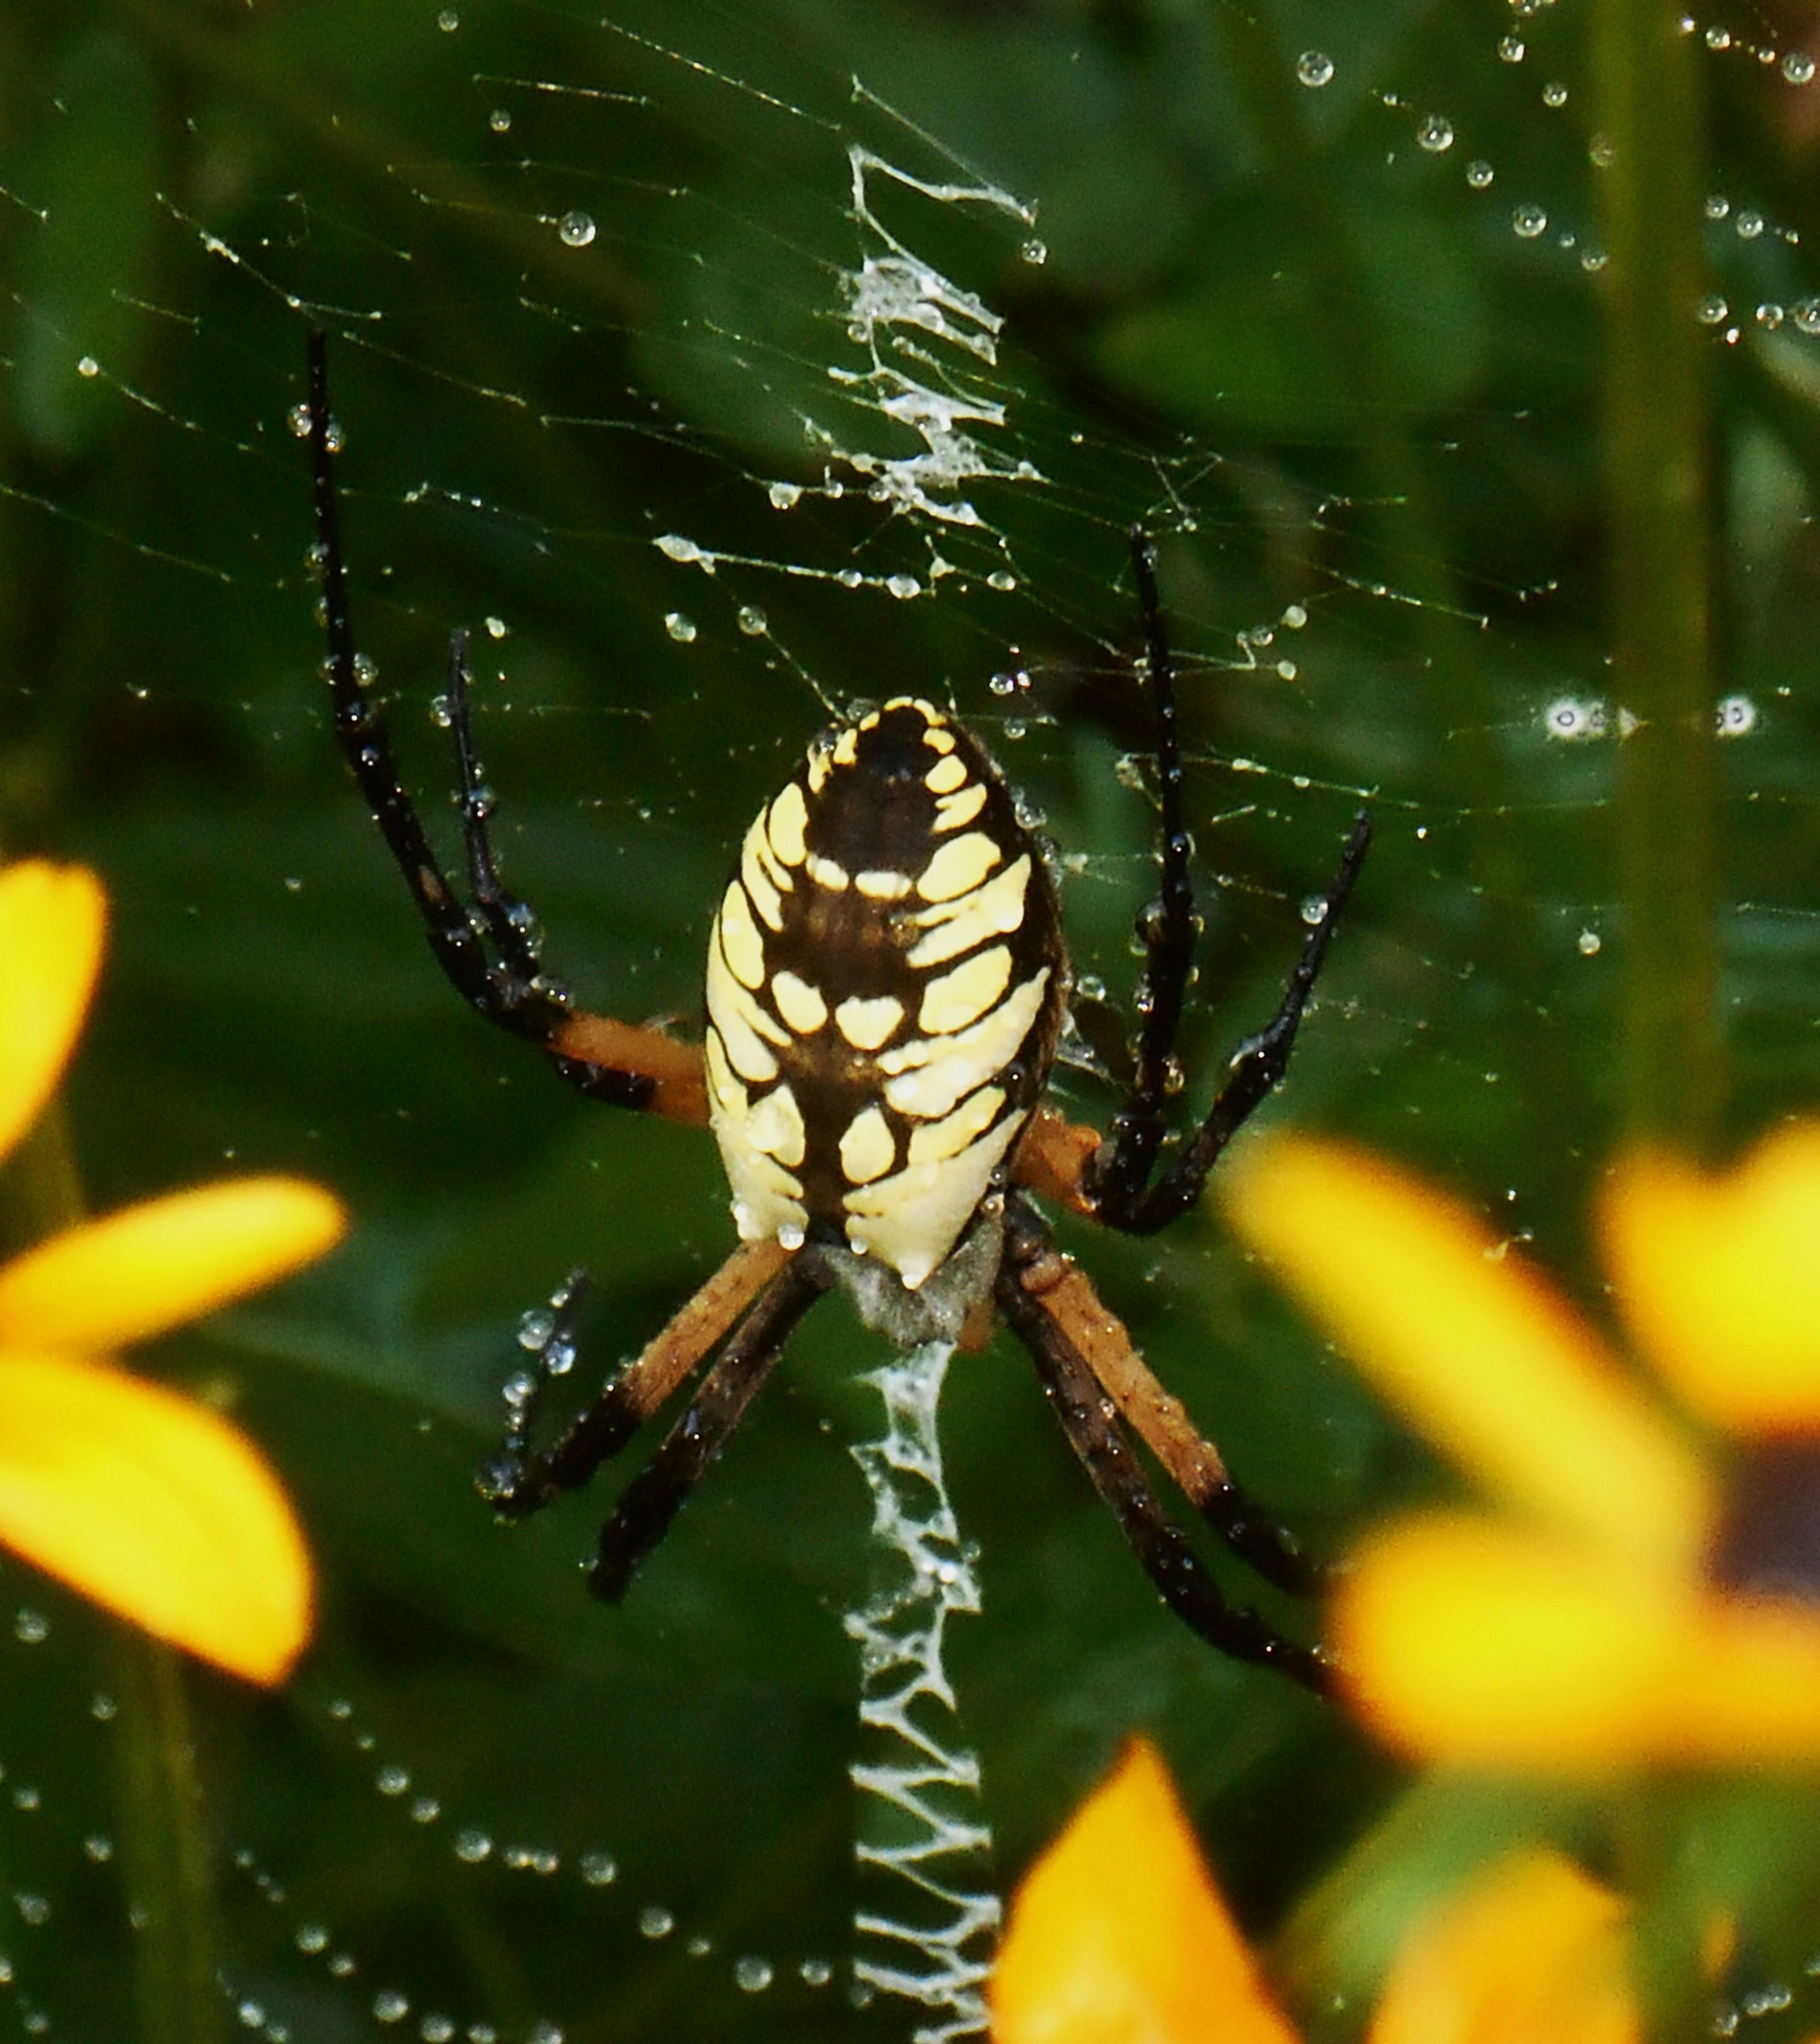 August 28, 2016 spider 003